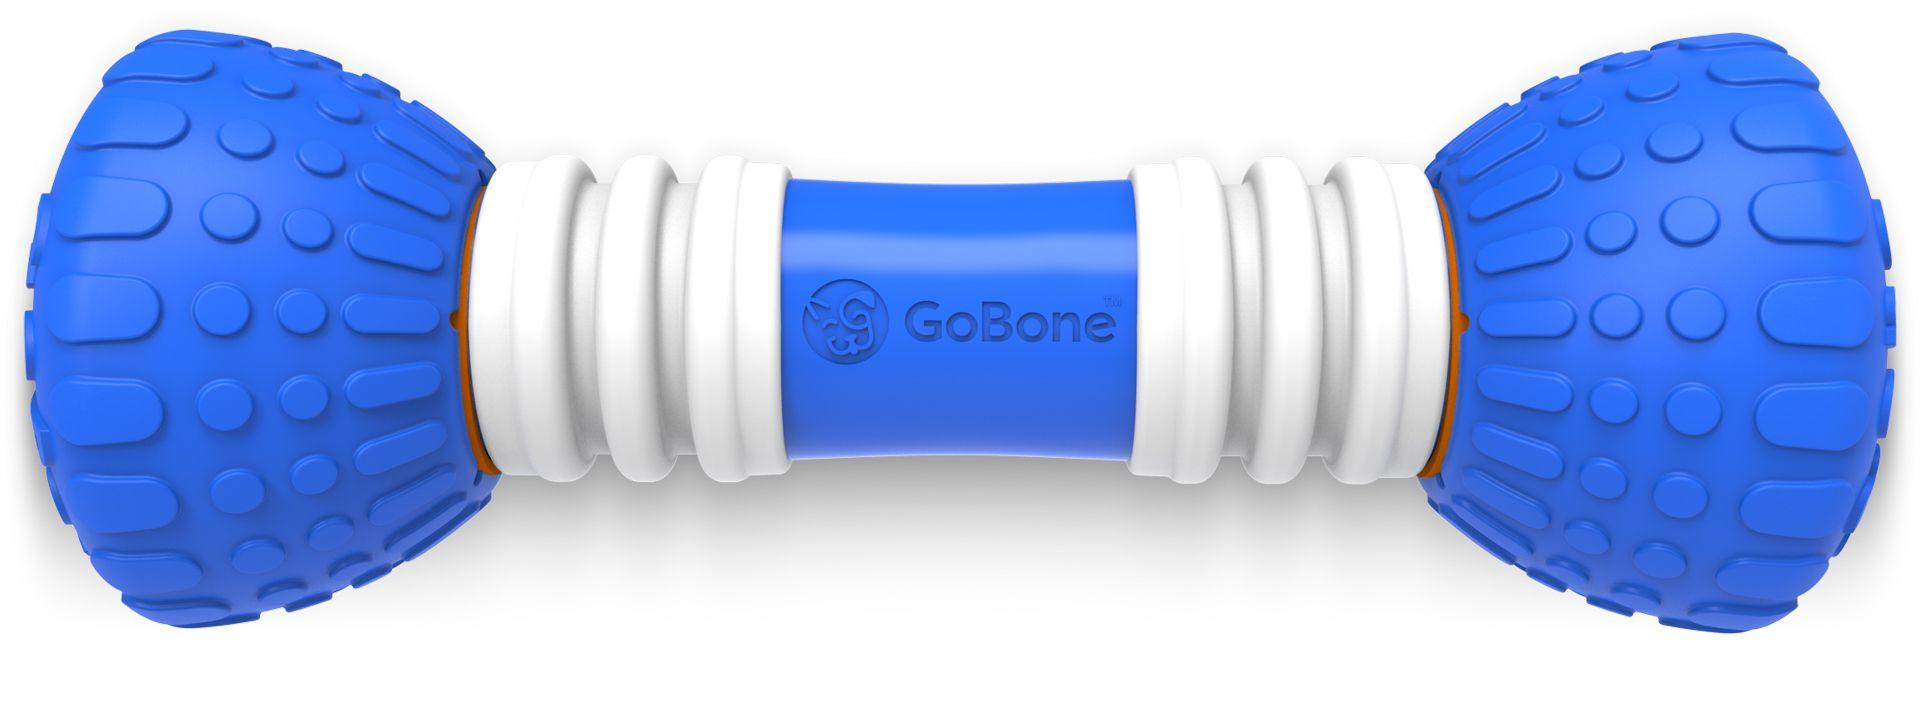 Go-Bone